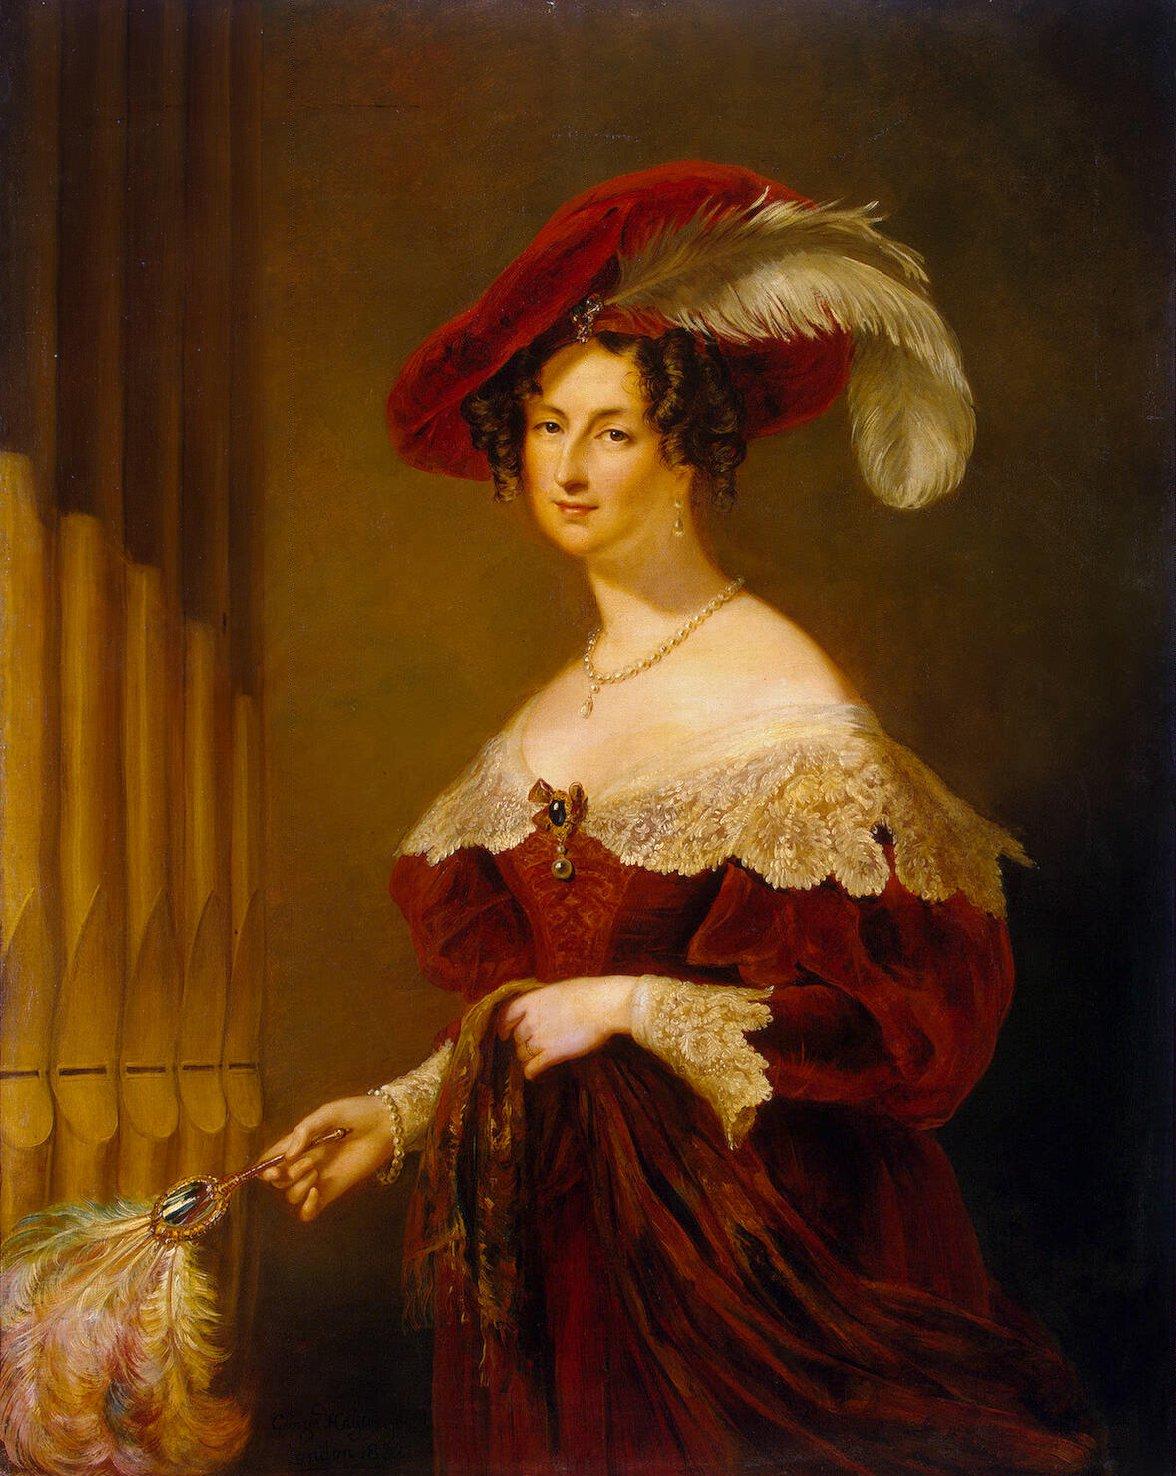 http://upload.wikimedia.org/wikipedia/commons/f/f2/Elzbieta_Branicka.jpg